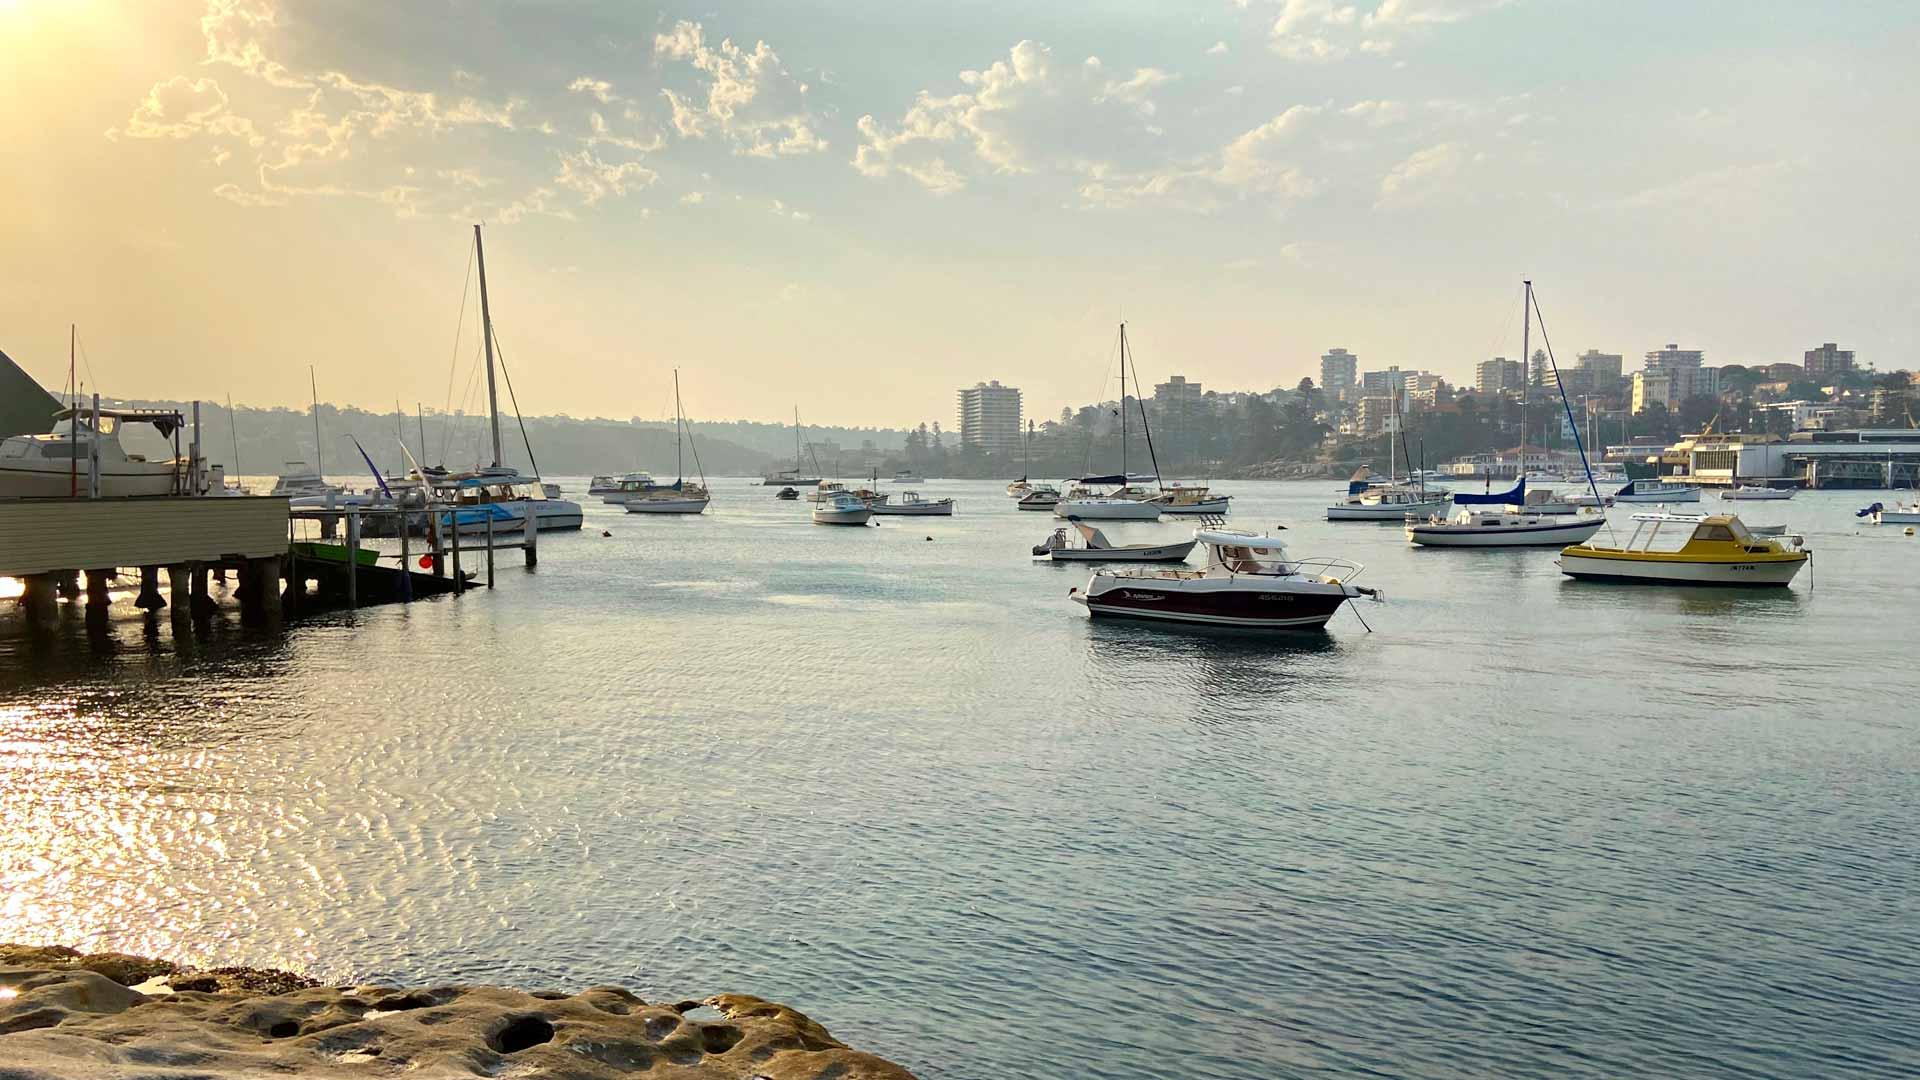 Manlyn alueella rannat ovat kauniita ja rauhallisia. Auringonlaskut ovat Sydneyssä upeita ja paikalliset kerääntyvät rannoille ikuistamaan maisemaa.